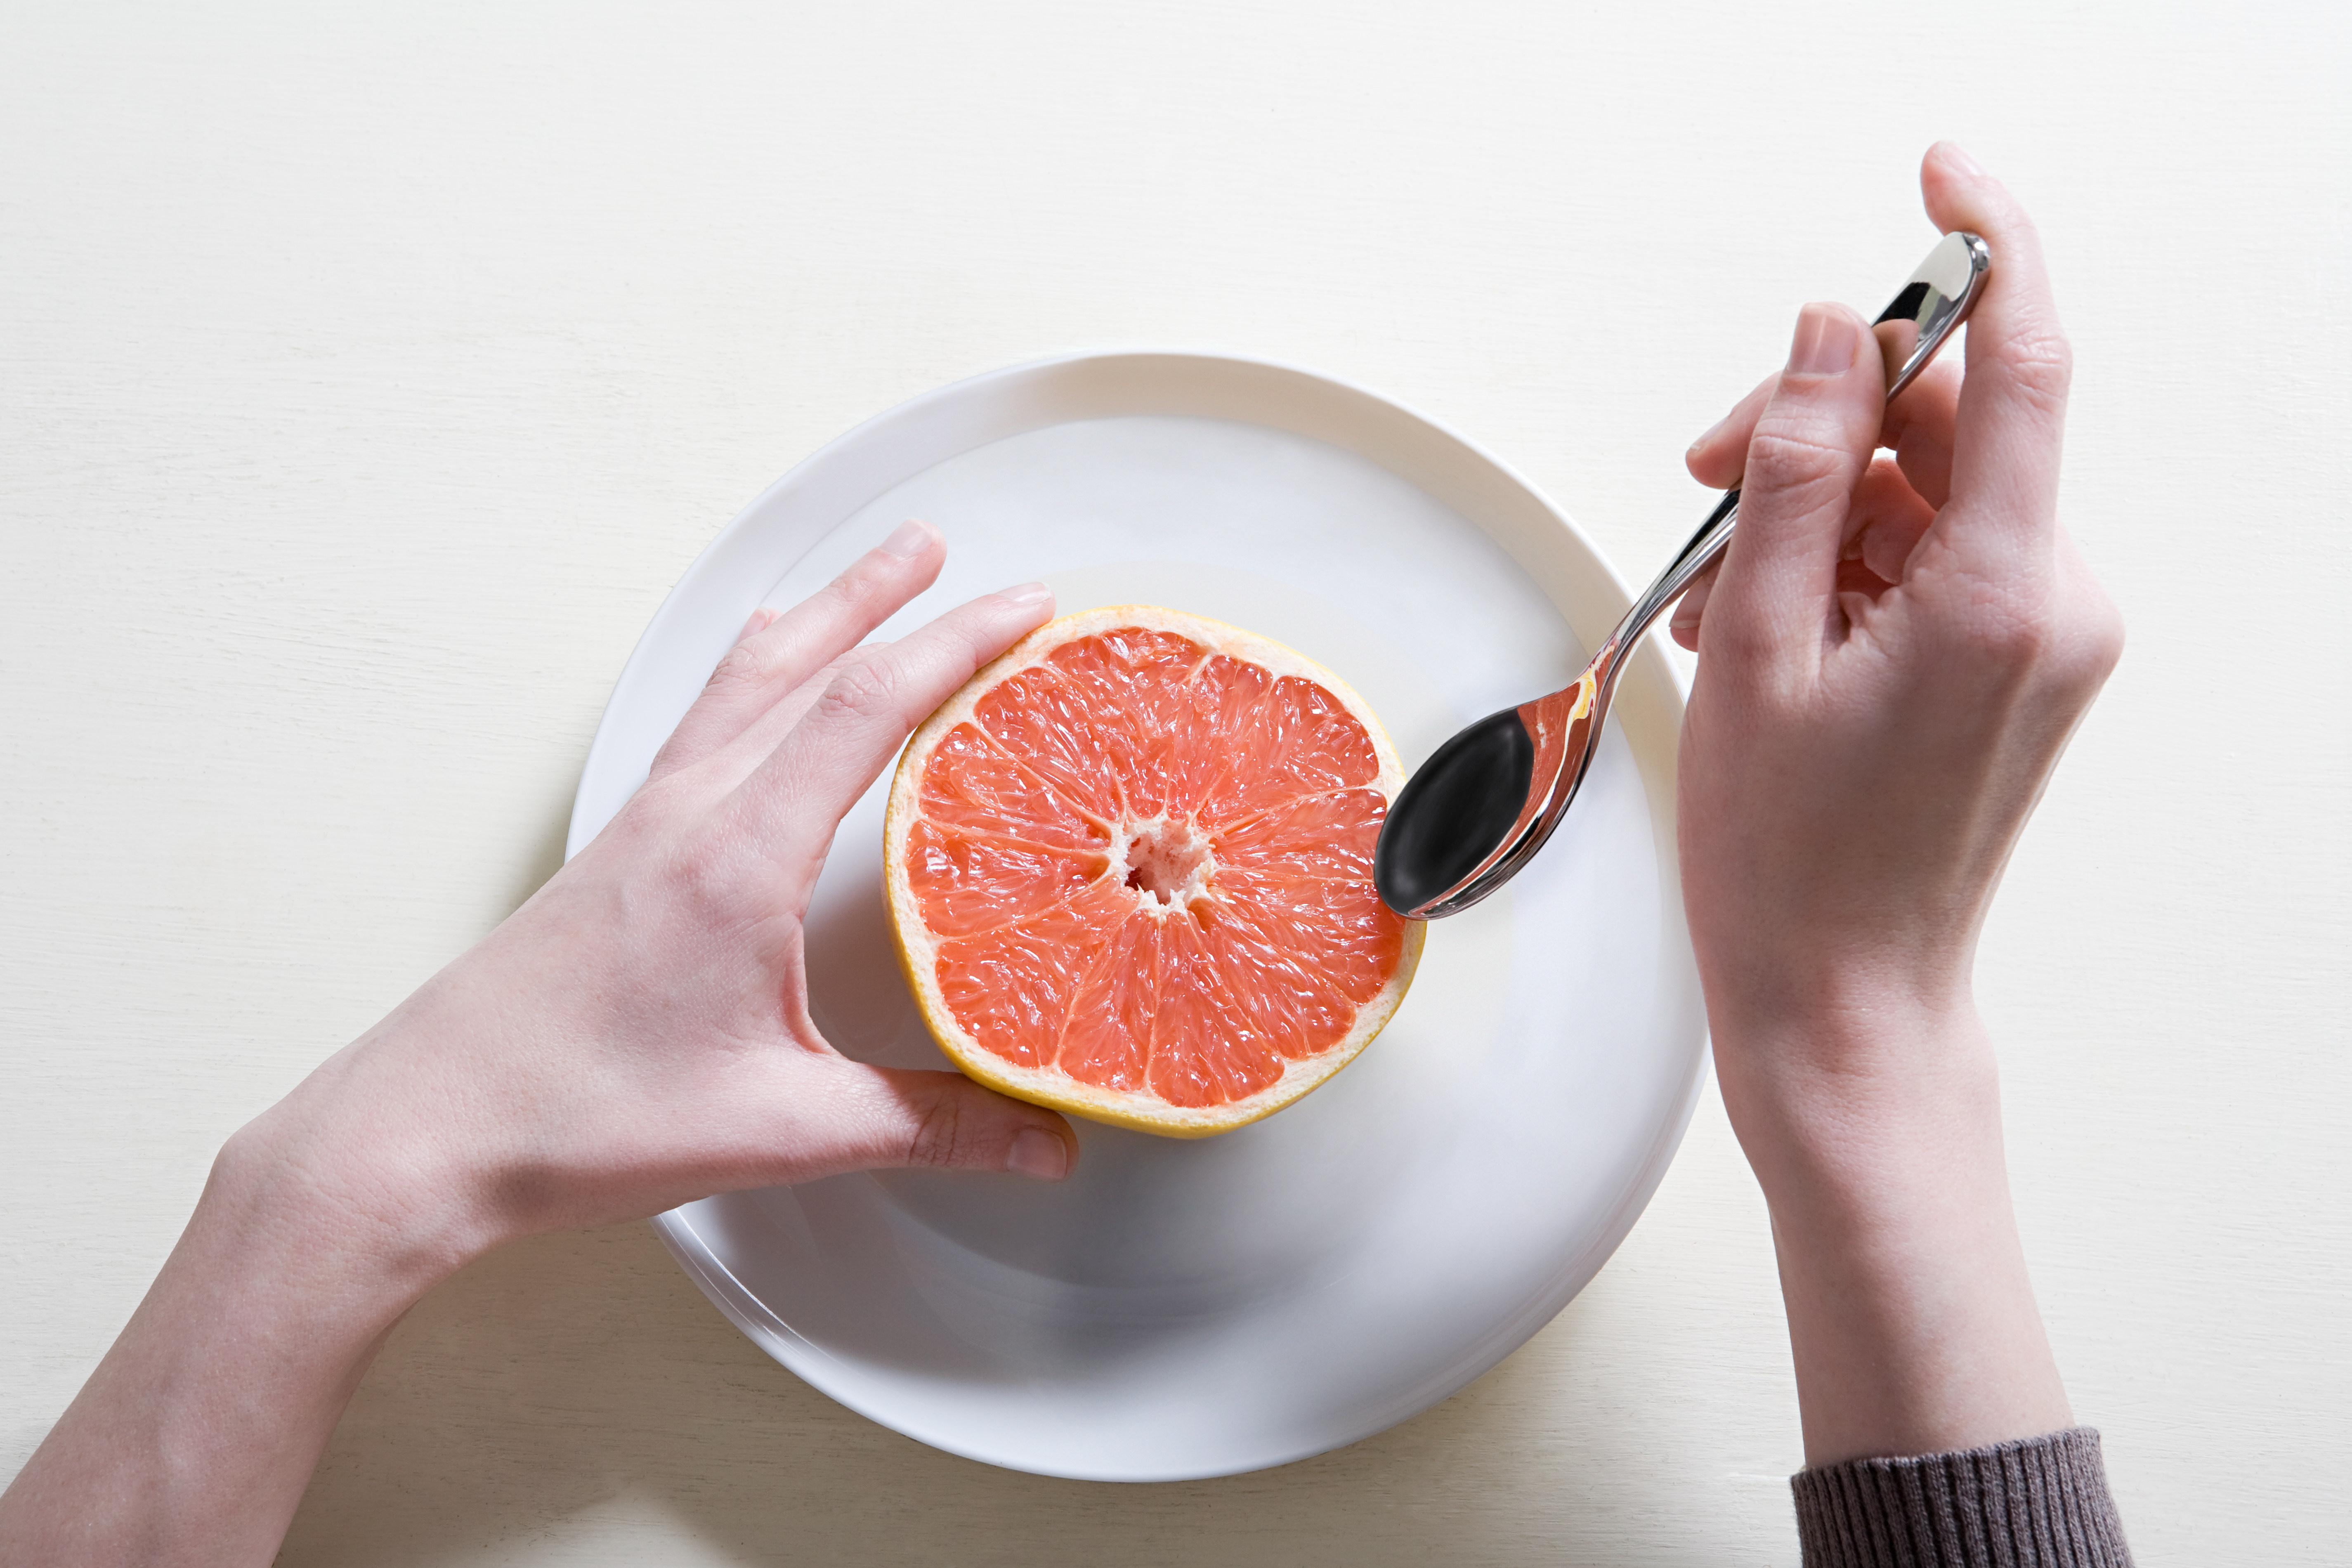 mit érdemes enni rossz látással